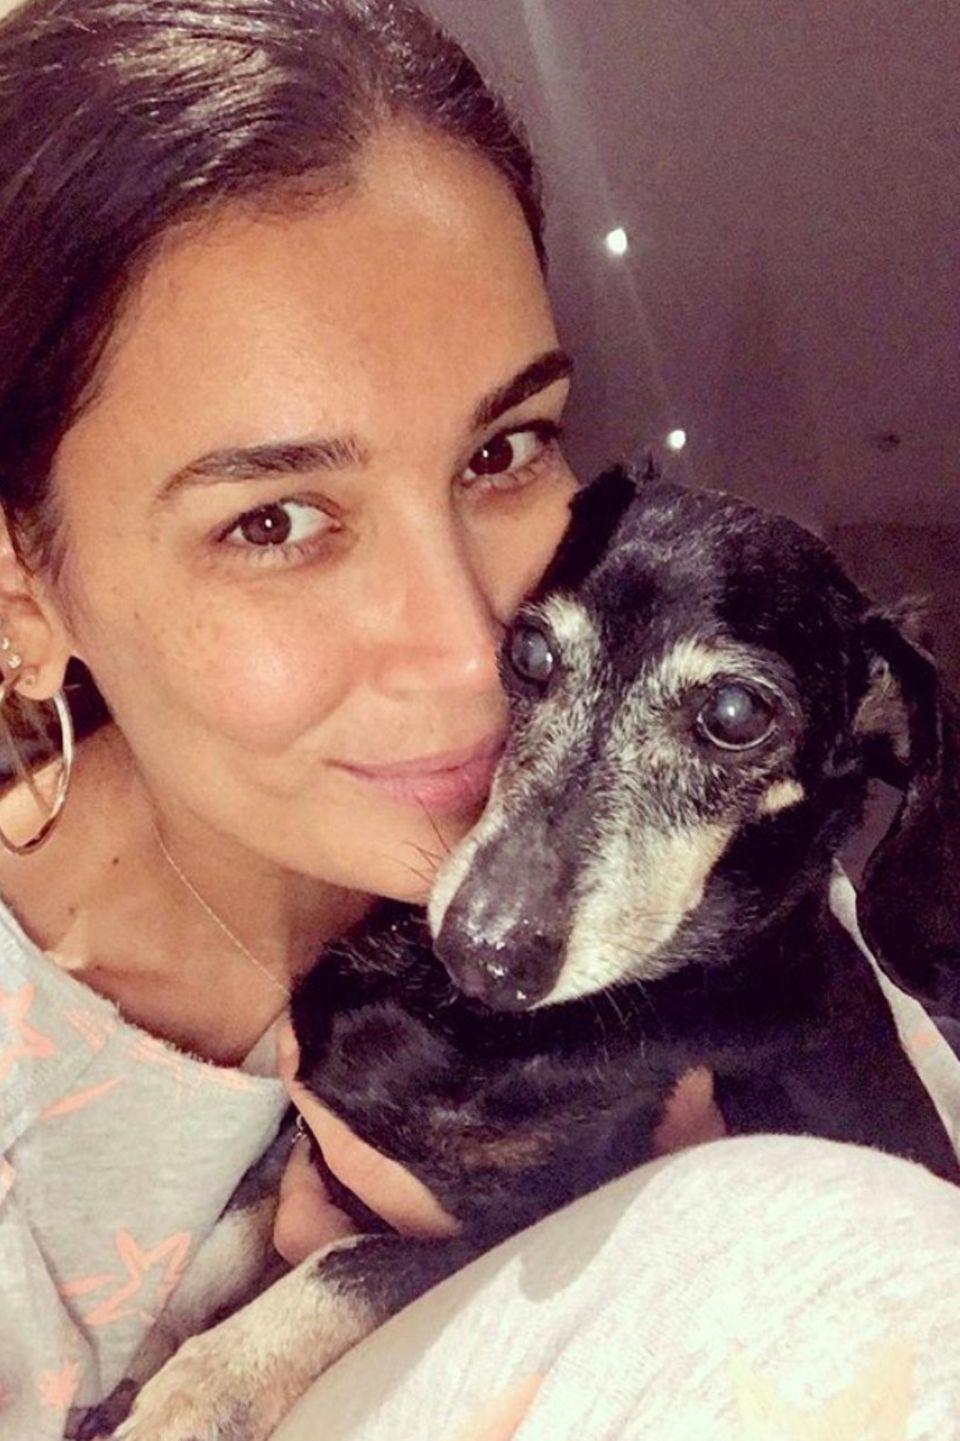 Die Moderatorin Jana Ina Zarrella postet sich mit ihrem Dackel Tyson, der in der Woche zuvor am Maul operiert wurde. Glücklicherweise hat er alles gut überstanden. Der kleine Vierbeiner ist mittlerweile schon fast 16 Jahre alt.